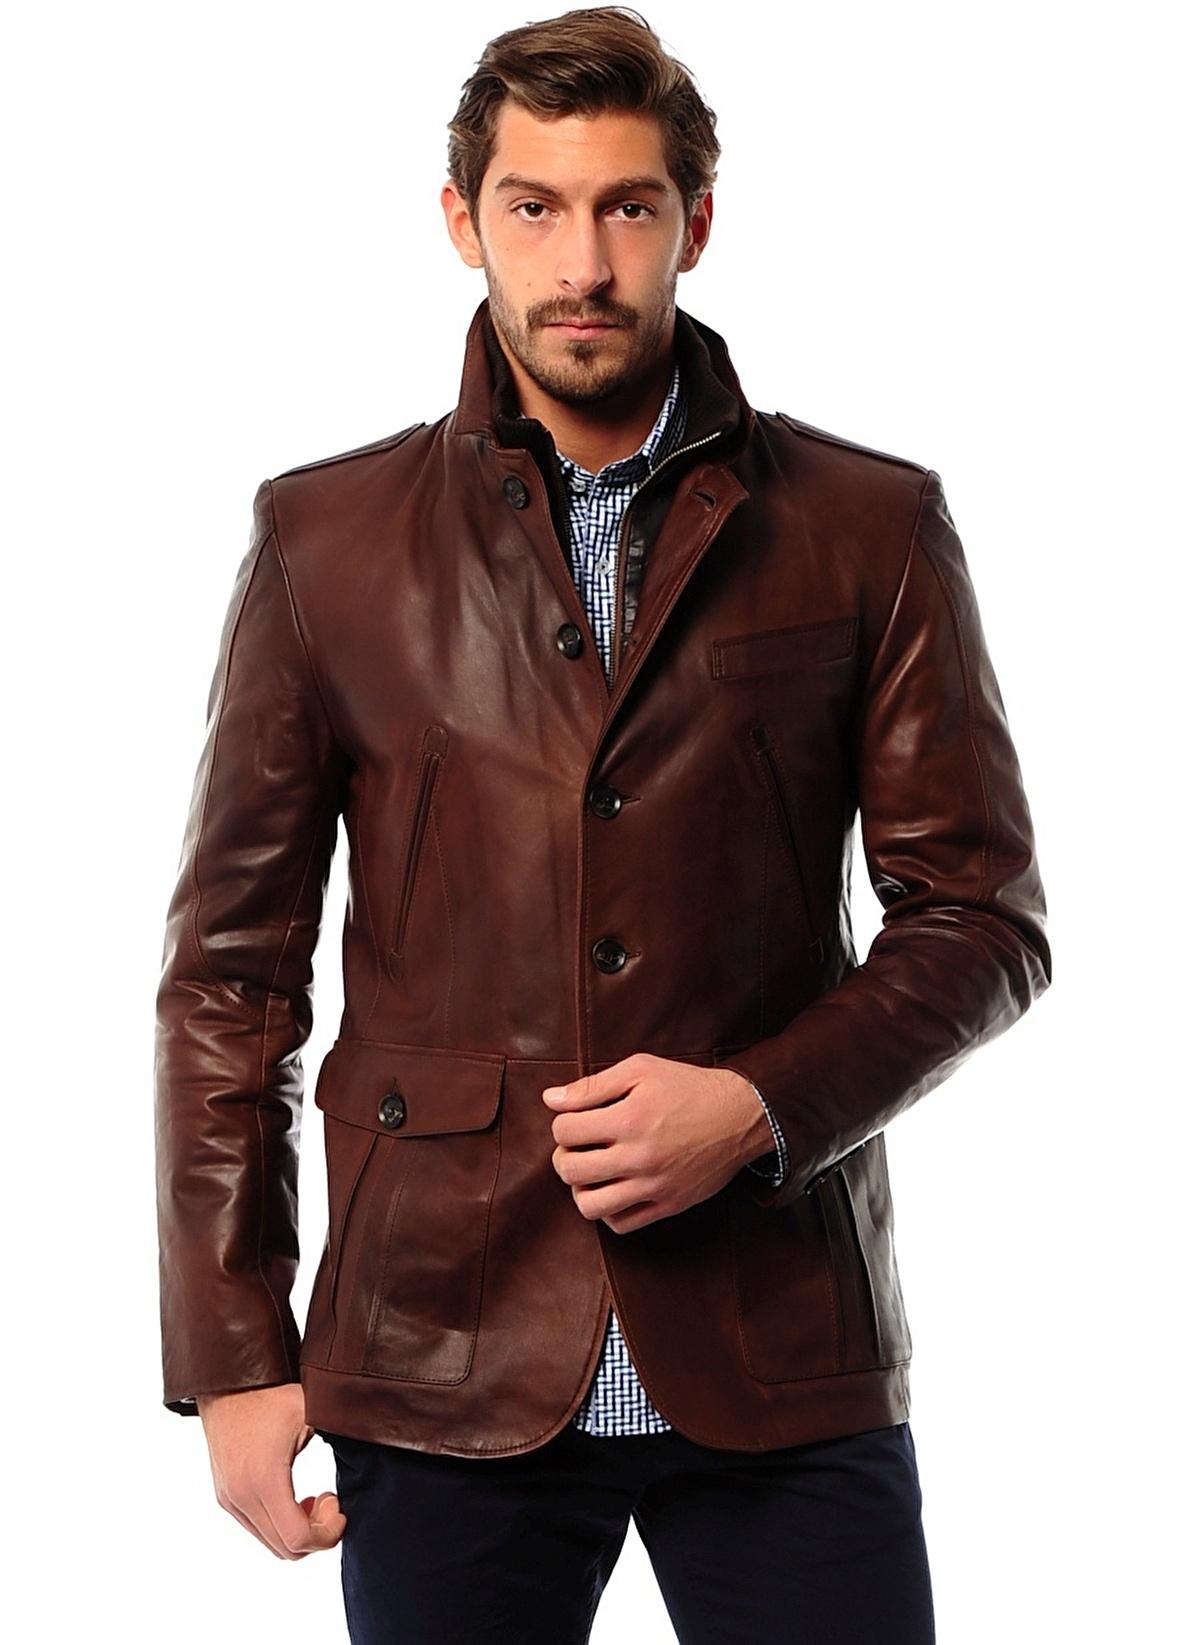 Sarar erkek ceket koleksiyonu, birçok farlı stil ve geleneğin örneklerini içinde barındırır. Yaşam tarzınız, sosyal çevreniz, vücudunuzun özellikleri ve tabii ki stilinize göre tasarlanan ceketler, tam ihtiyaç duyduğunuz bütün tasarım özelliklerine sahip.